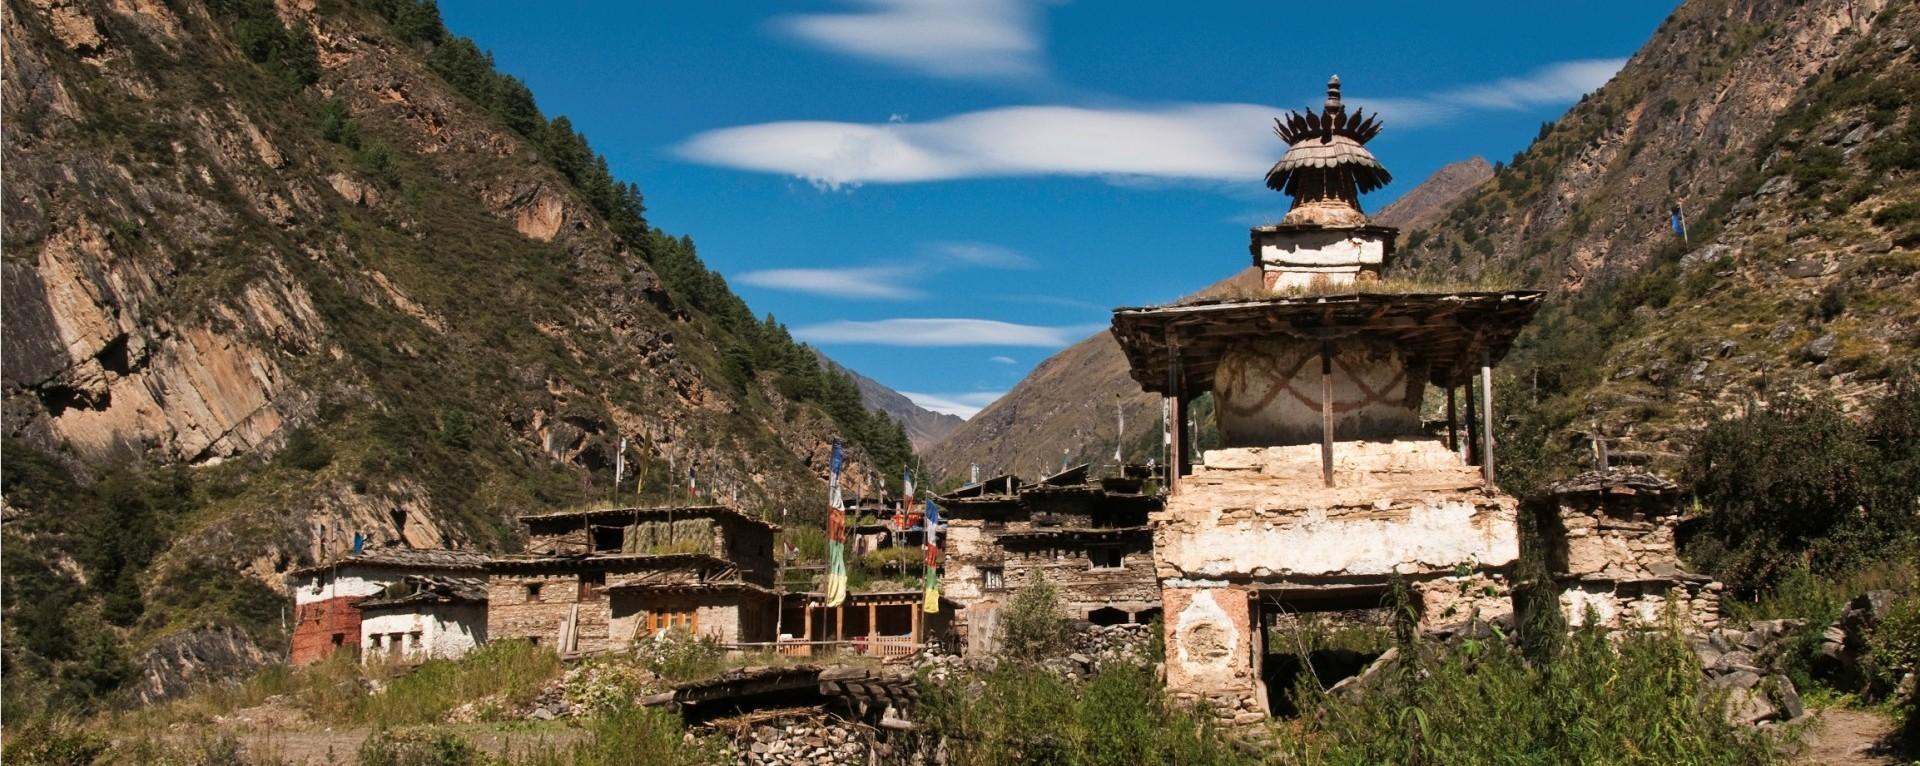 Dhorpatan Dolpo trek-discover himalauan treks